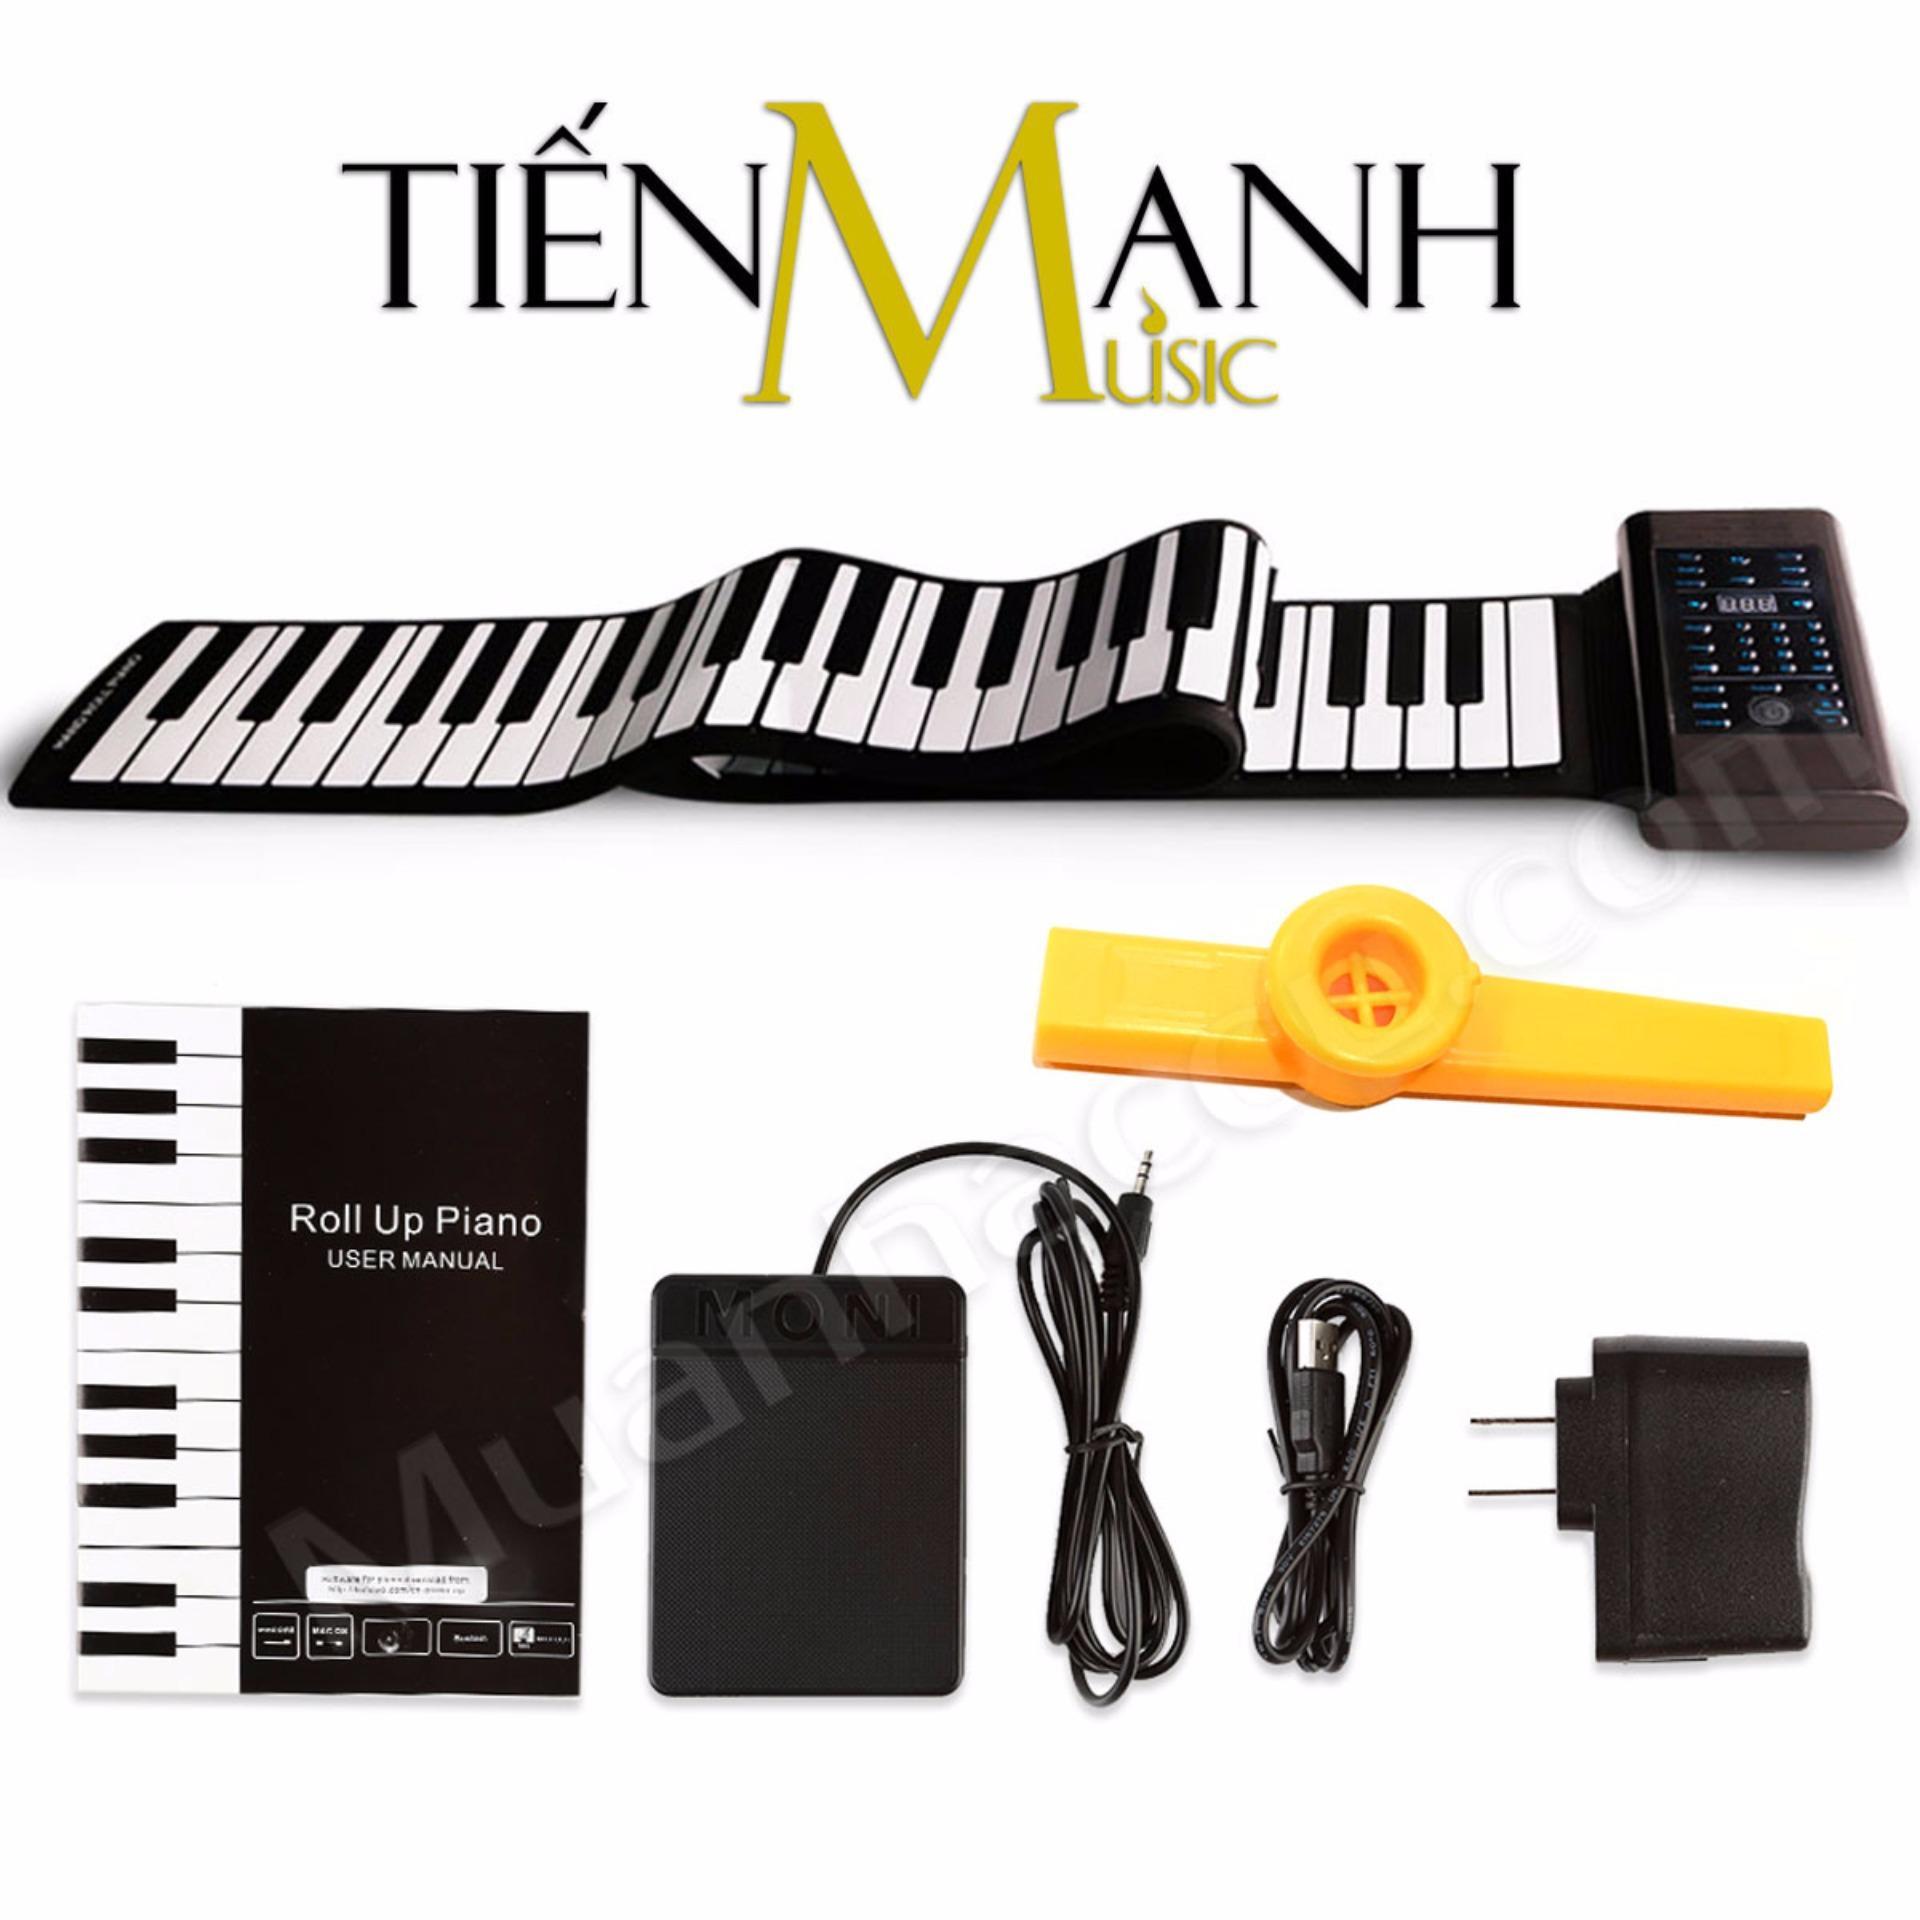 Đàn Piano Konix 88 phím cuộn mềm dẻo Flexible PB88 (Roll Up Piano hỗ trợ kết nối máy tính – Pin sạc 1000mAh – Có Pedal, Cáp kết nối USB – Midi Keyboard Controller – Tặng Kèn Kazoo)